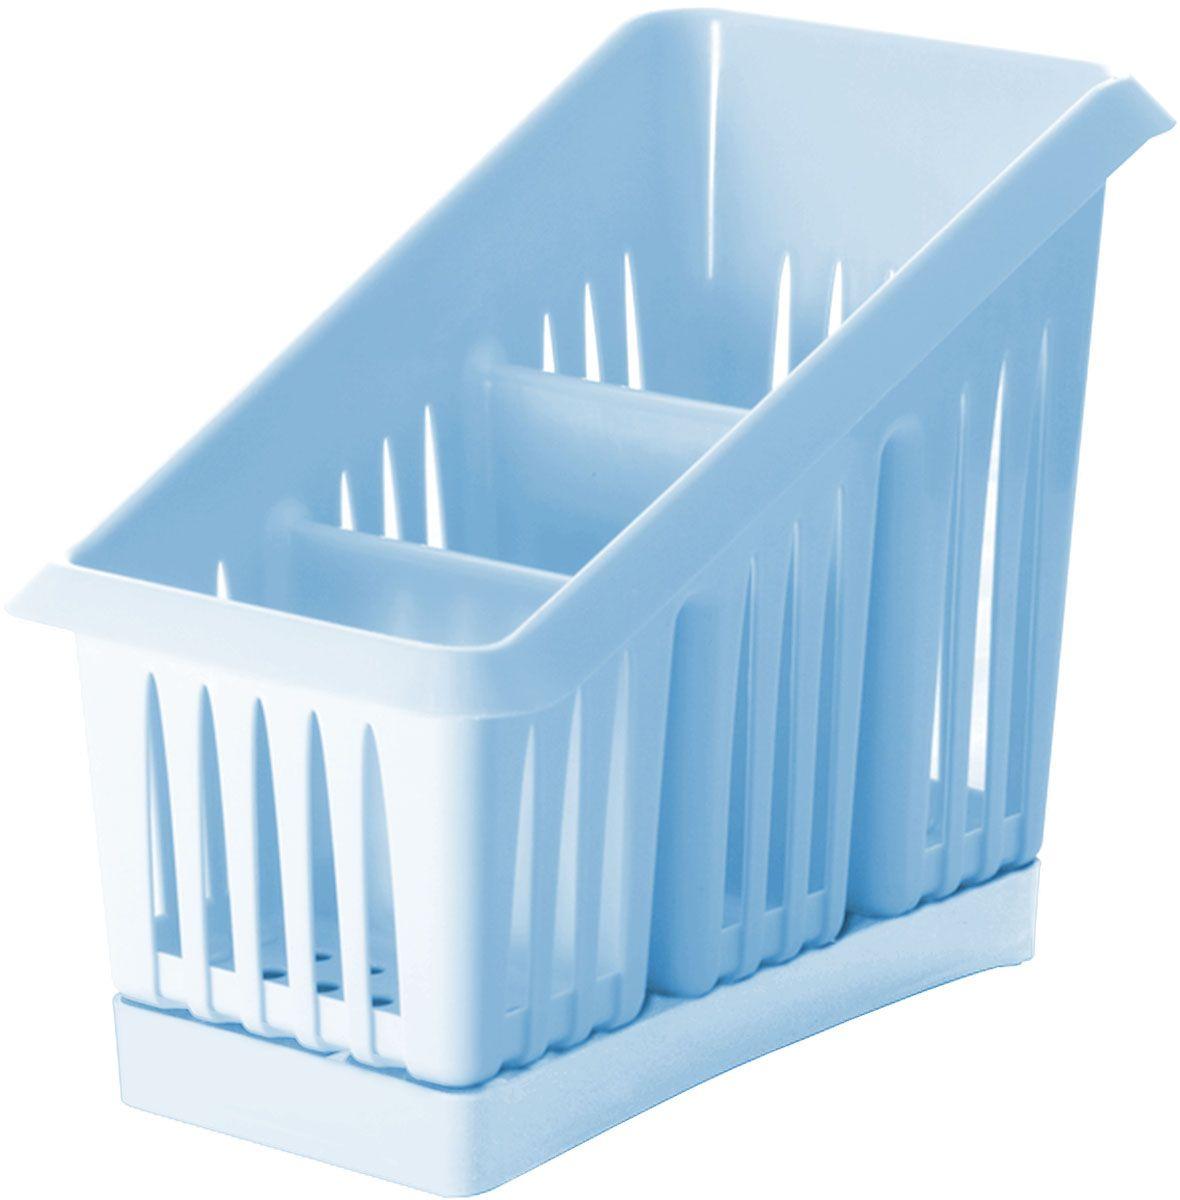 Сушилка для столовых приборов Plastic Centre Лилия, 3-секционная, цвет: голубой, 20 х 12 х 16 смПЦ1564ГЛПСушилка для столовых приборов Plastic Centre пригодится налюбой кухне. Изделие выполнено из полипропилена. Три секции позволят сушить или хранить столовые приборы поотдельности (ножи, вилки, ложки). Сушилка снабженаподдоном для стока воды с приборов.